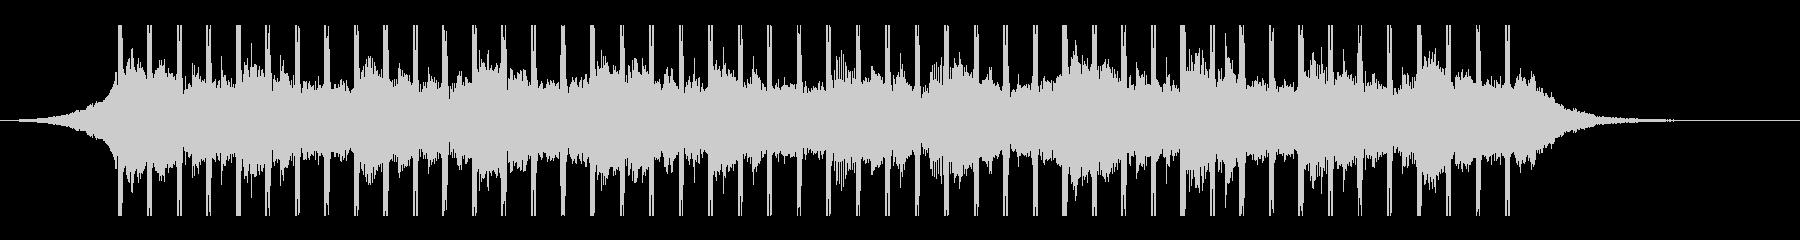 ビジネスプレゼンテーション用(30秒)の未再生の波形